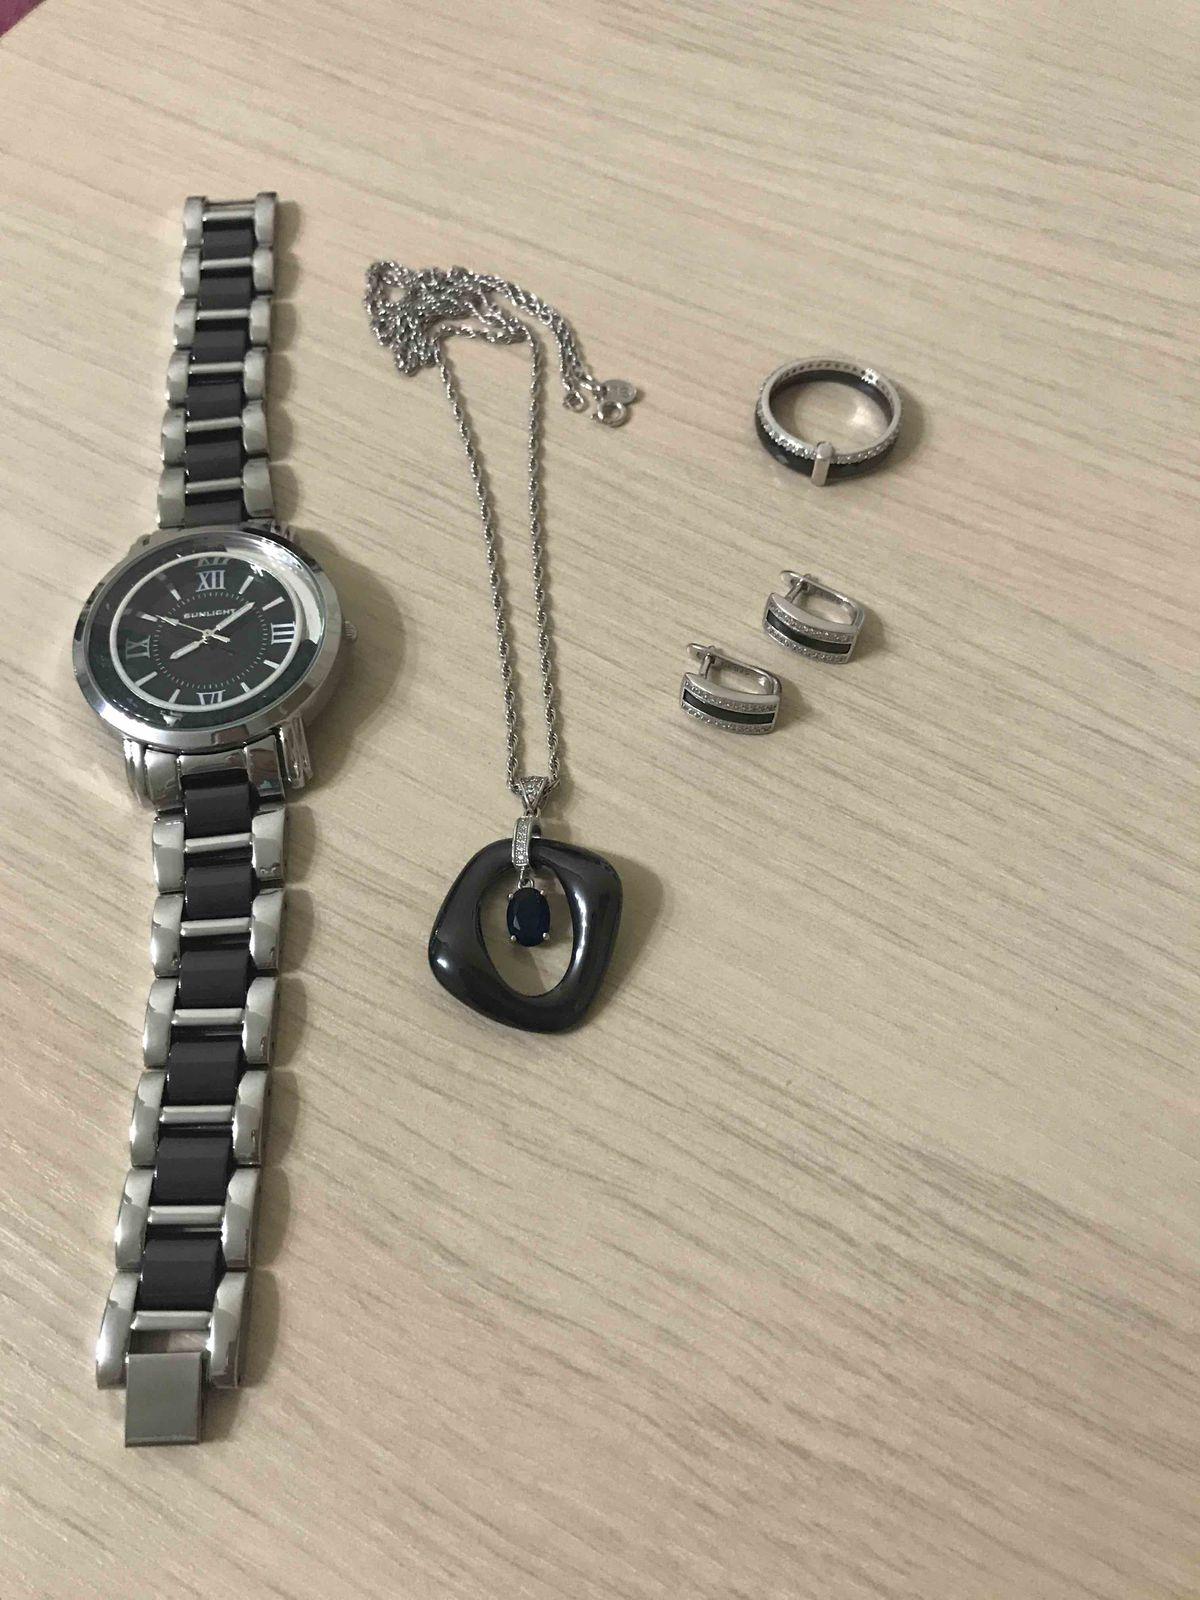 Прекрасное сочетание серебра и черной керамики